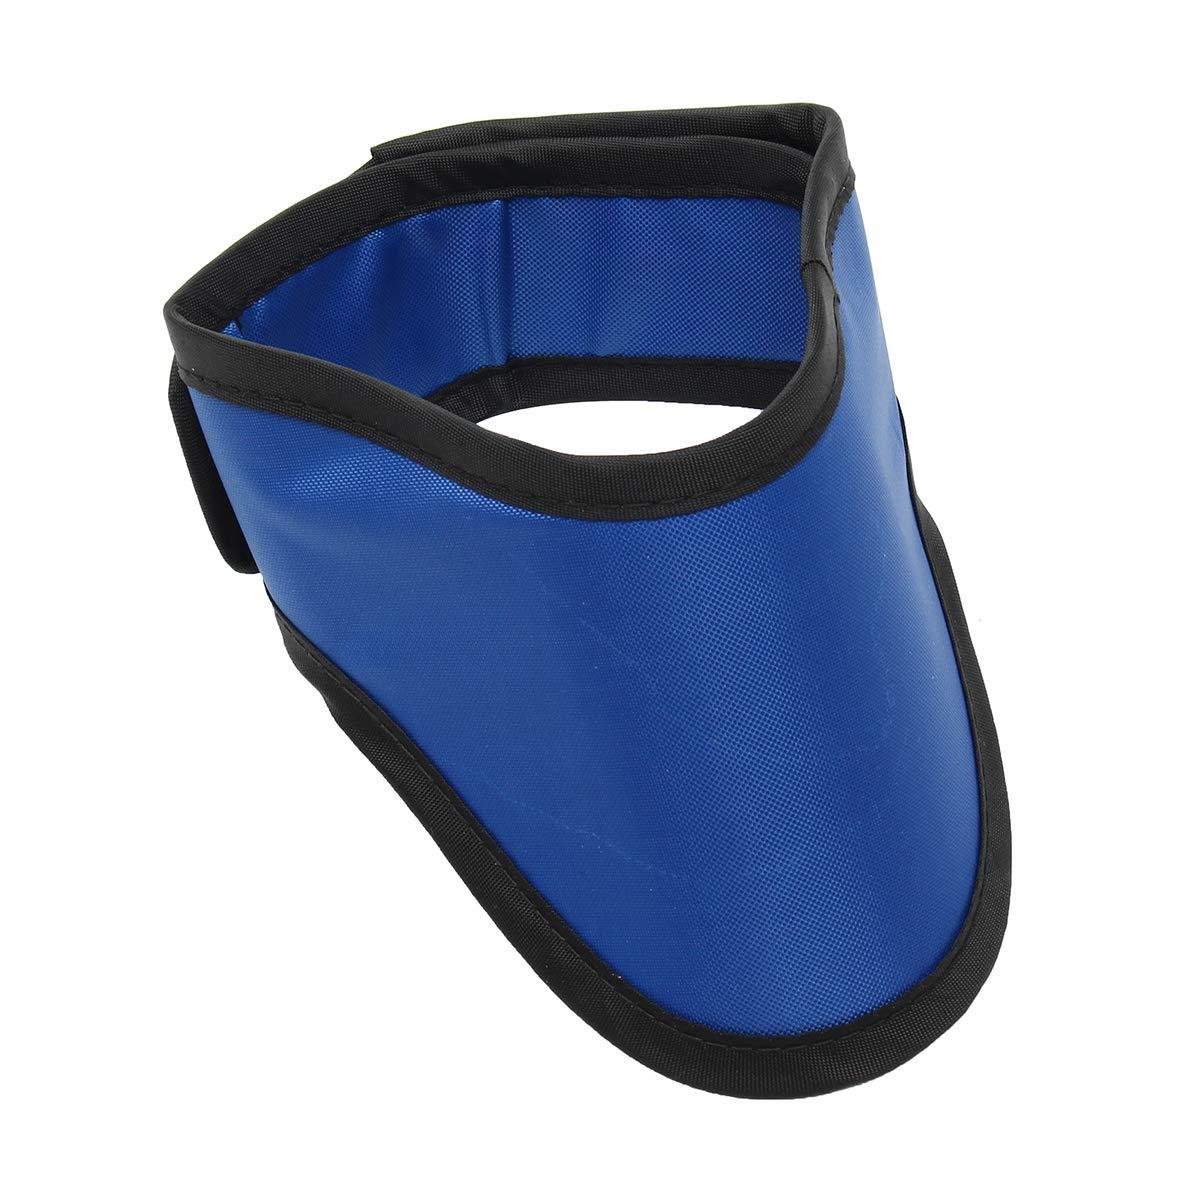 DADEQISH Cubierta protectora contra rayos X del cuello de la tiroides con plomo del collar protector de la tiroides con rayos X Accesorios para herramientas